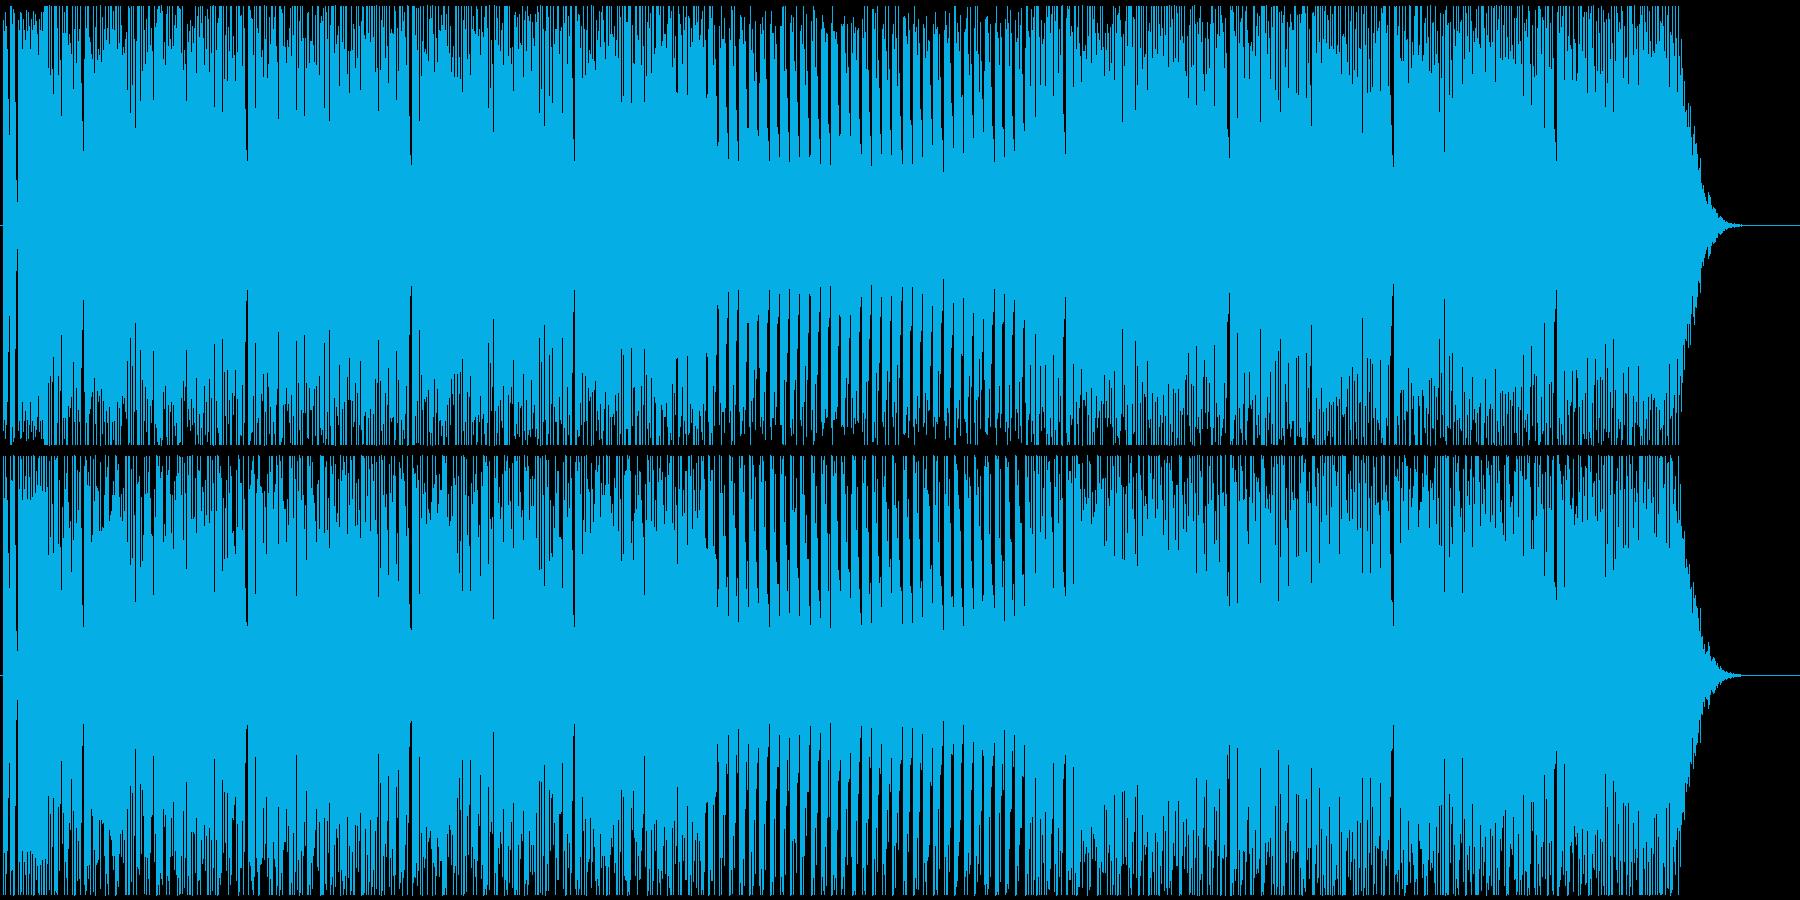 ダンスしたくなる短いパラパラユーロビートの再生済みの波形